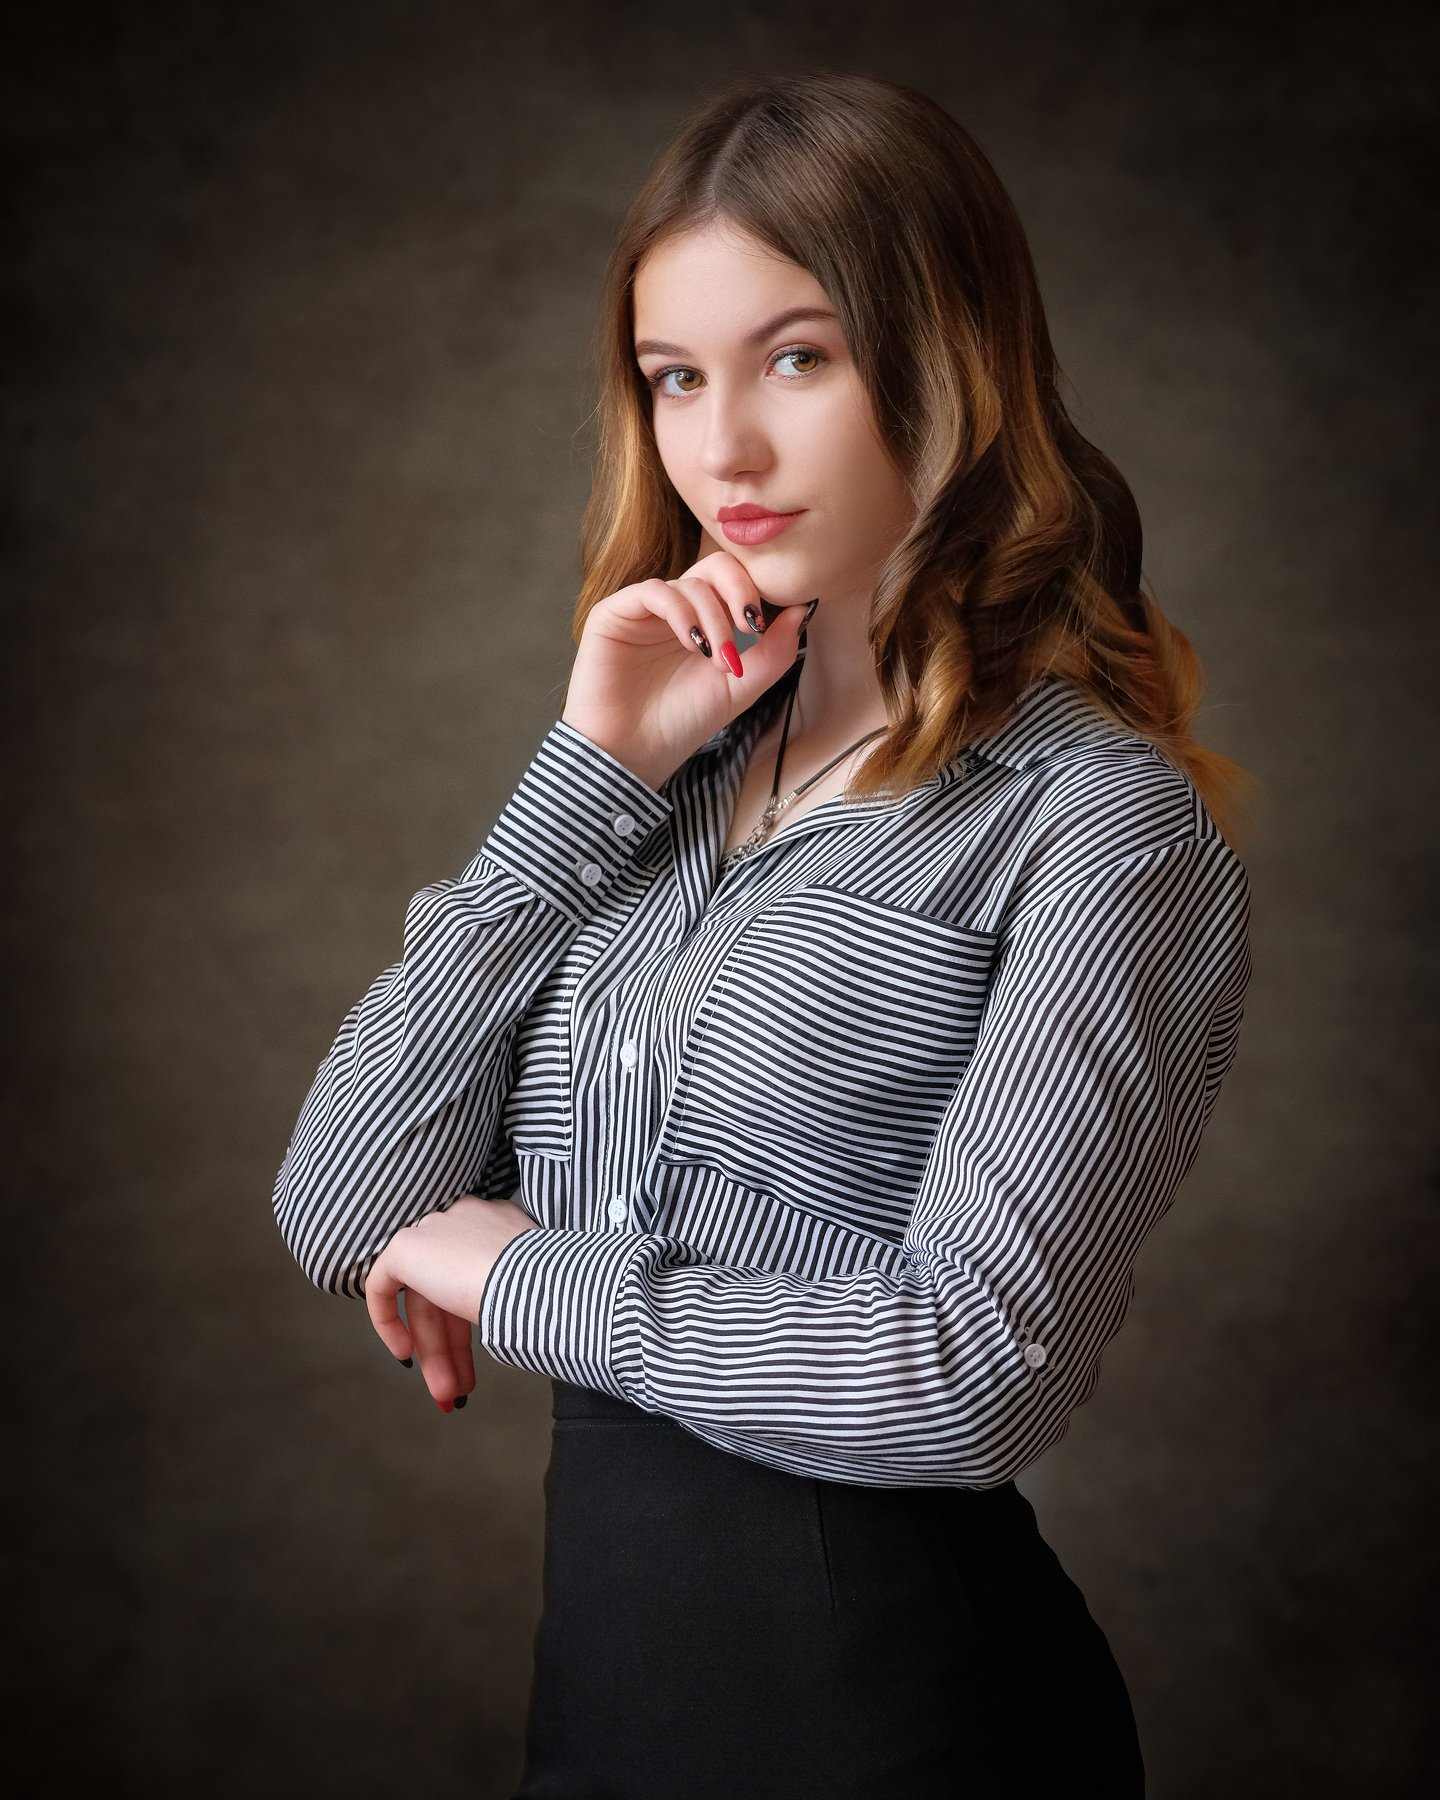 девушка, портрет, Филимошин Илья